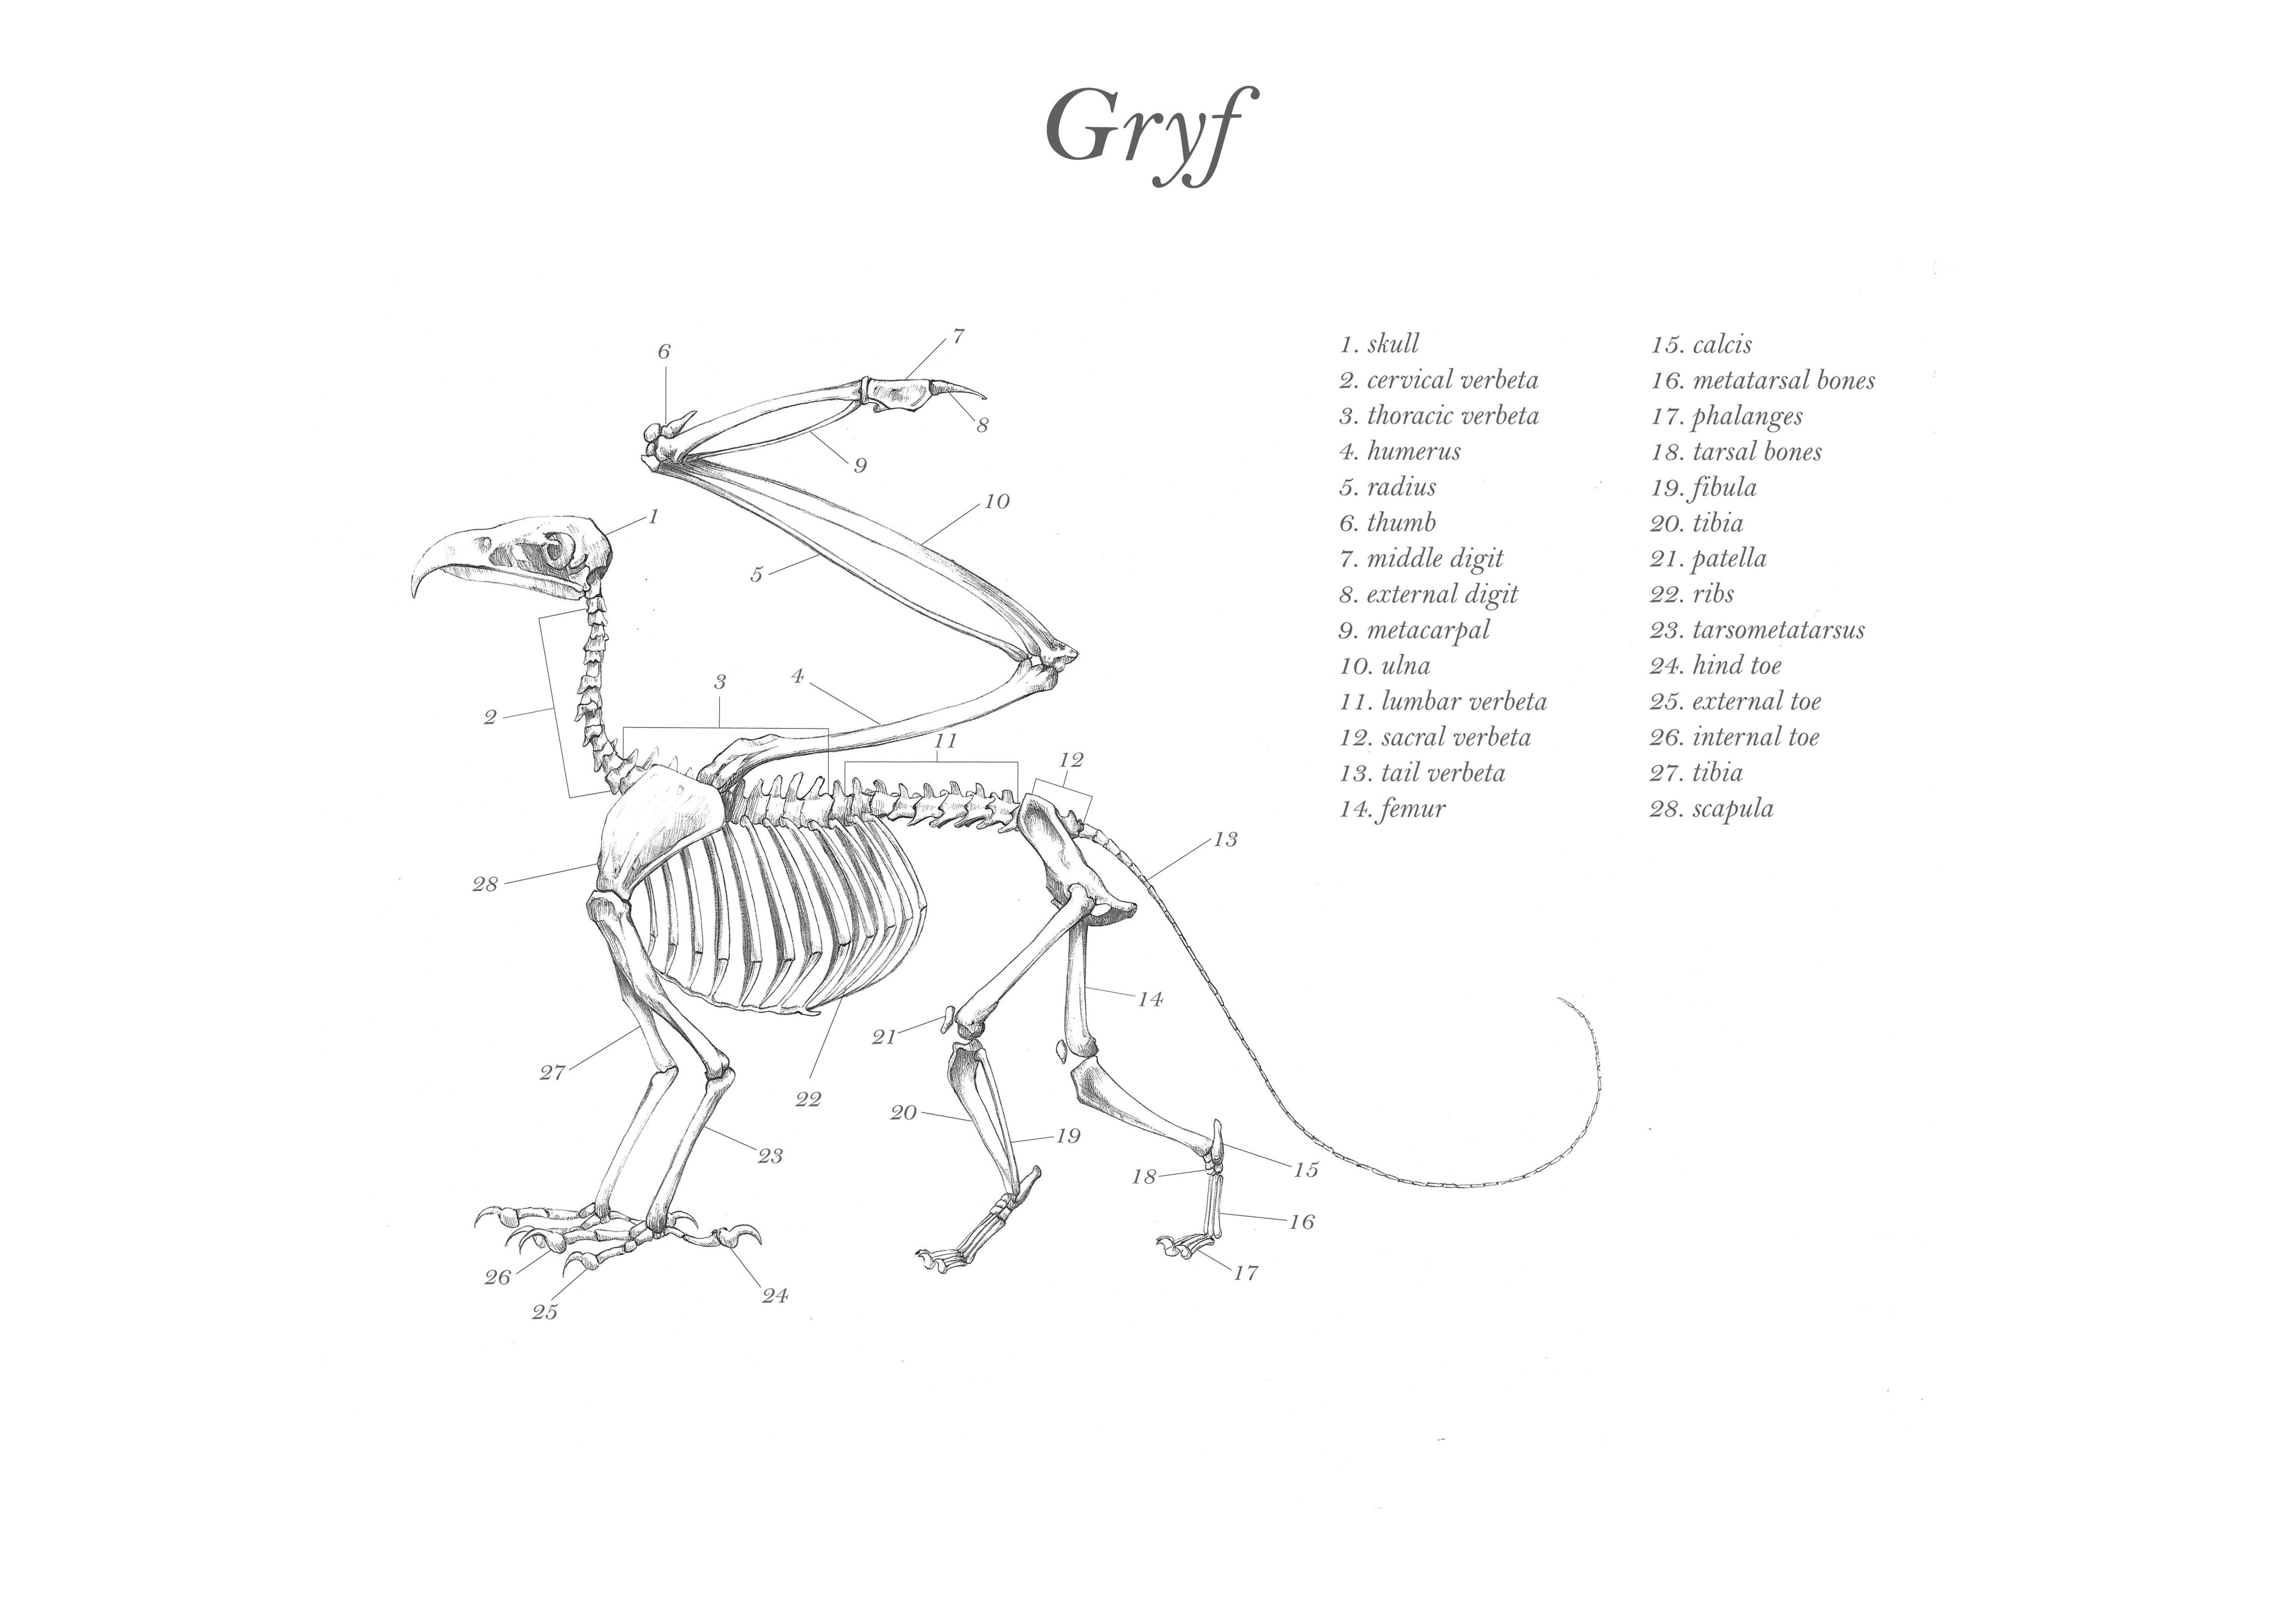 Gryf's skeleton